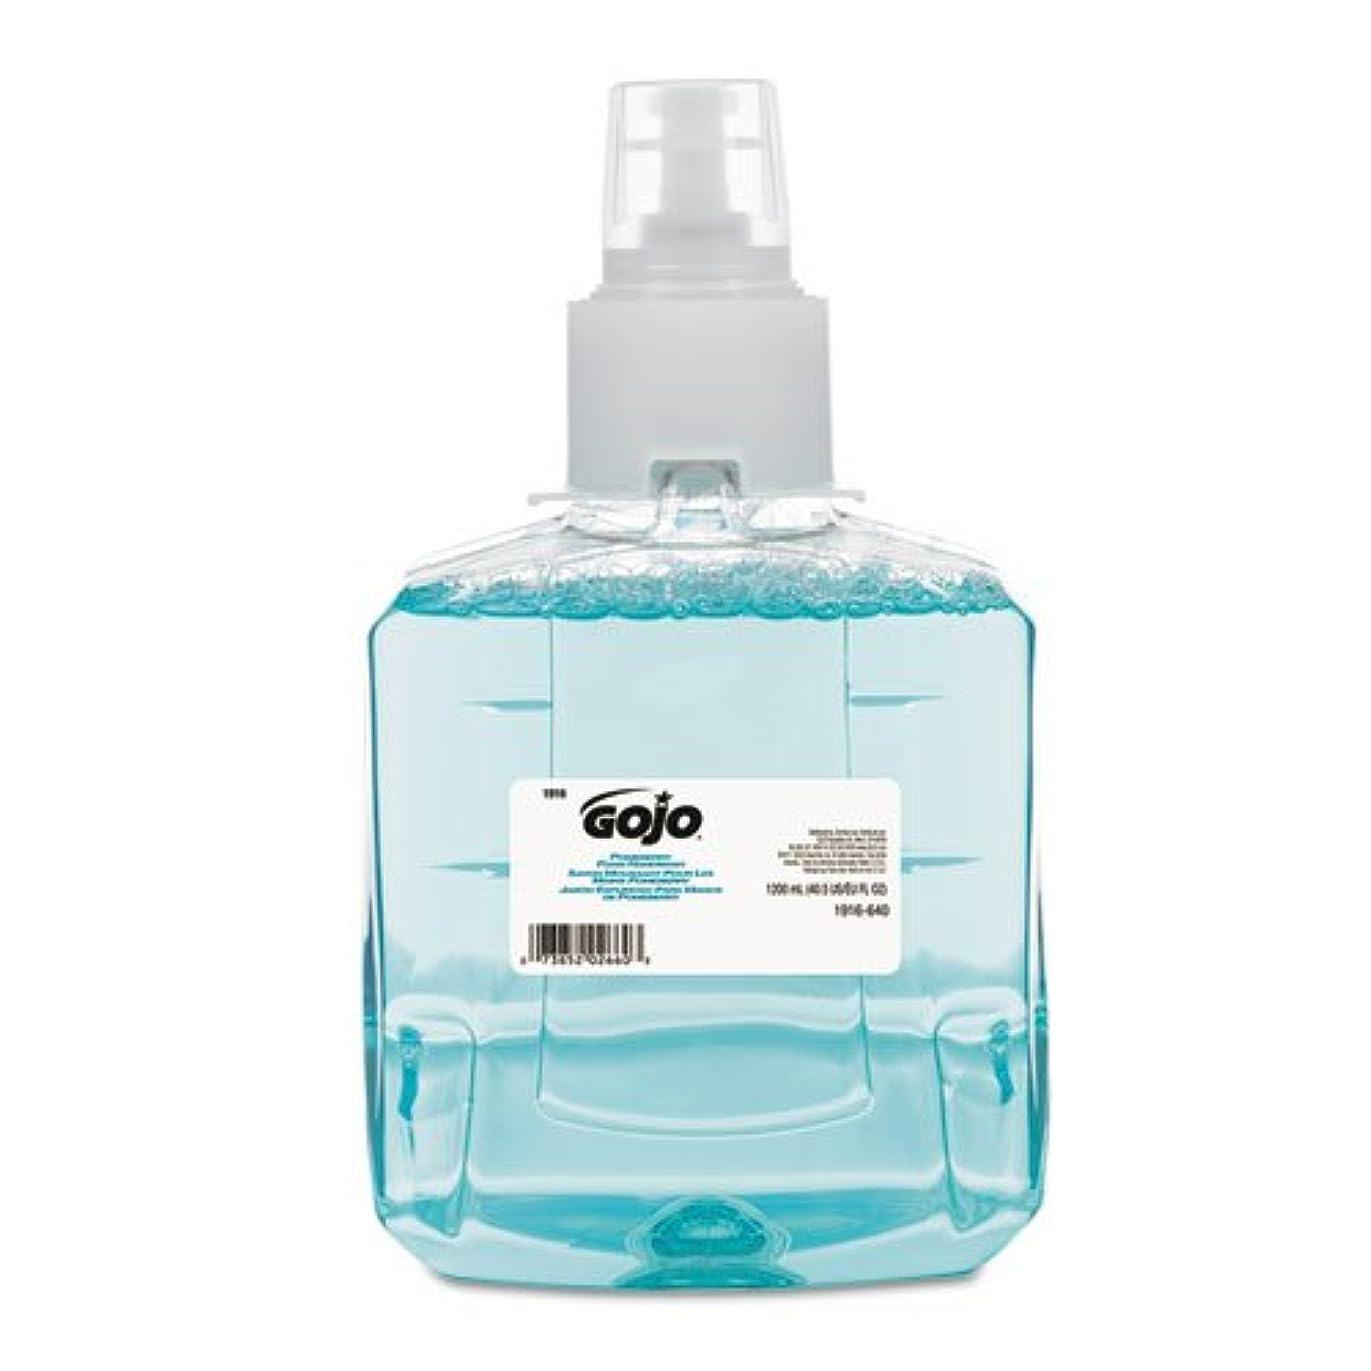 酸度器具邪悪なgo-jo Industries 191602 CT Pomeberry泡手洗いリフィル、ザクロ、1200 ml詰め替え、2 /カートン